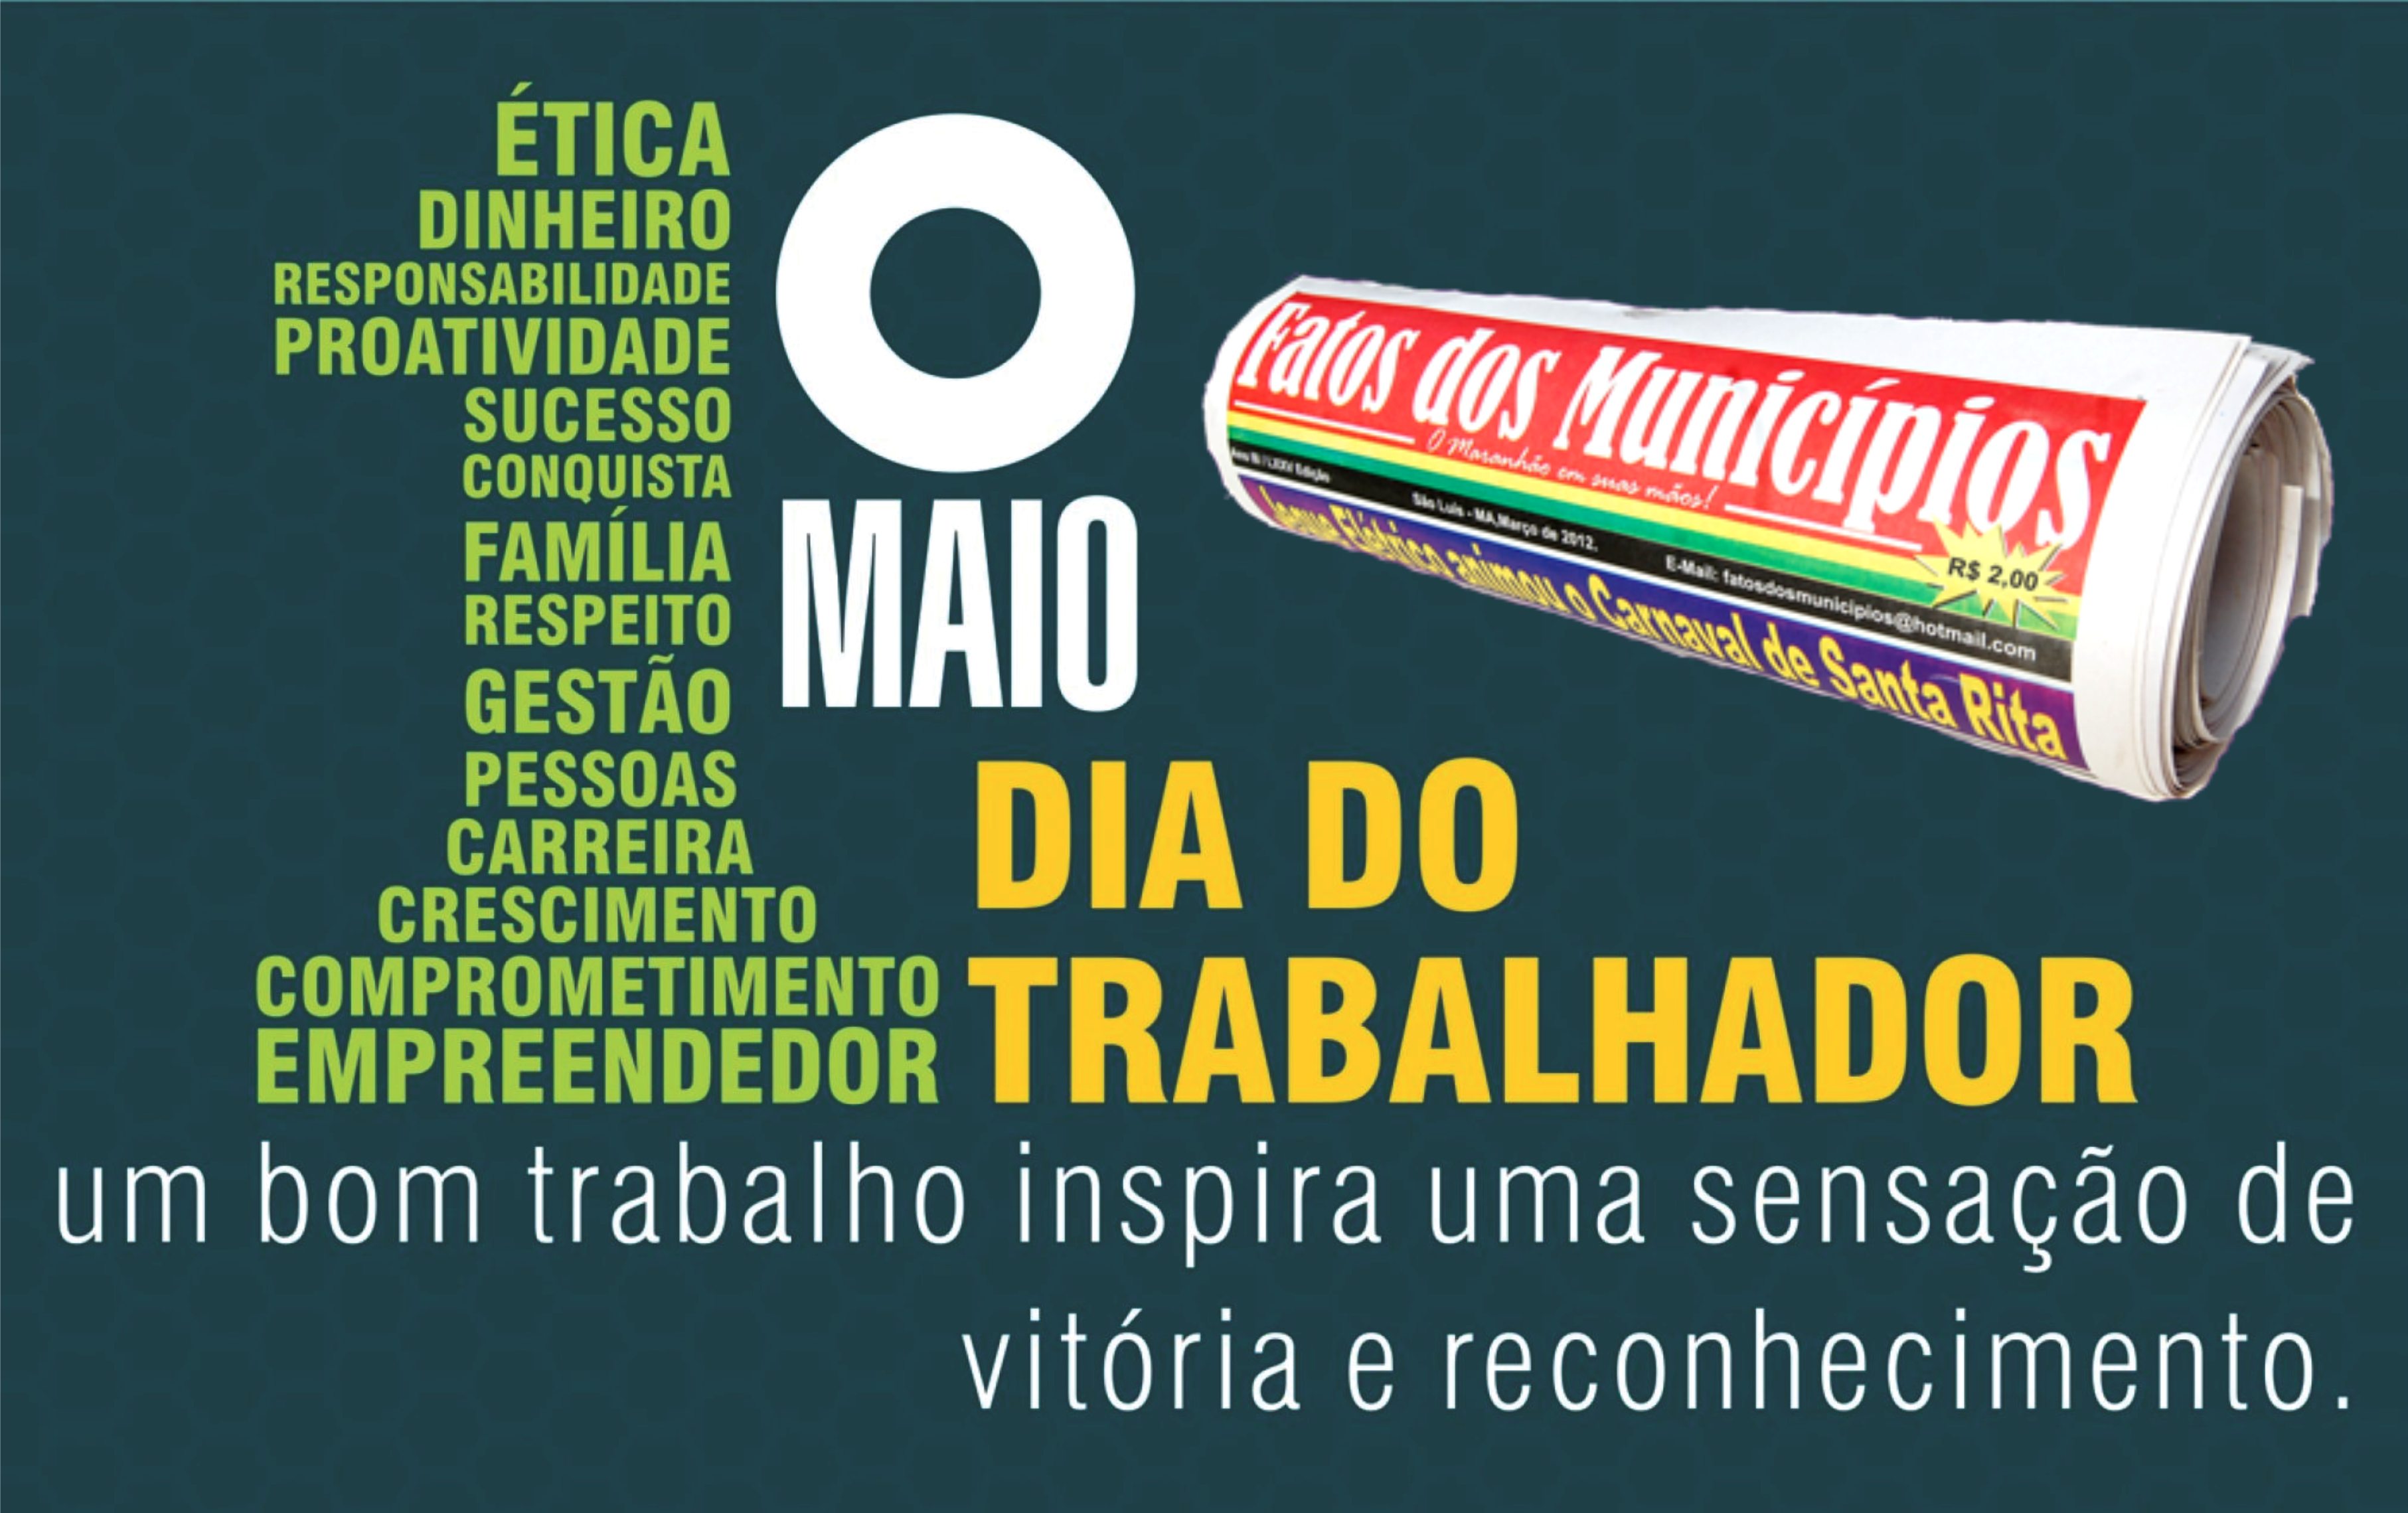 HOMENAGEM DO JORNAL FATOS DOS MUNICÍPIOS A TODO OS TRABALHADORES